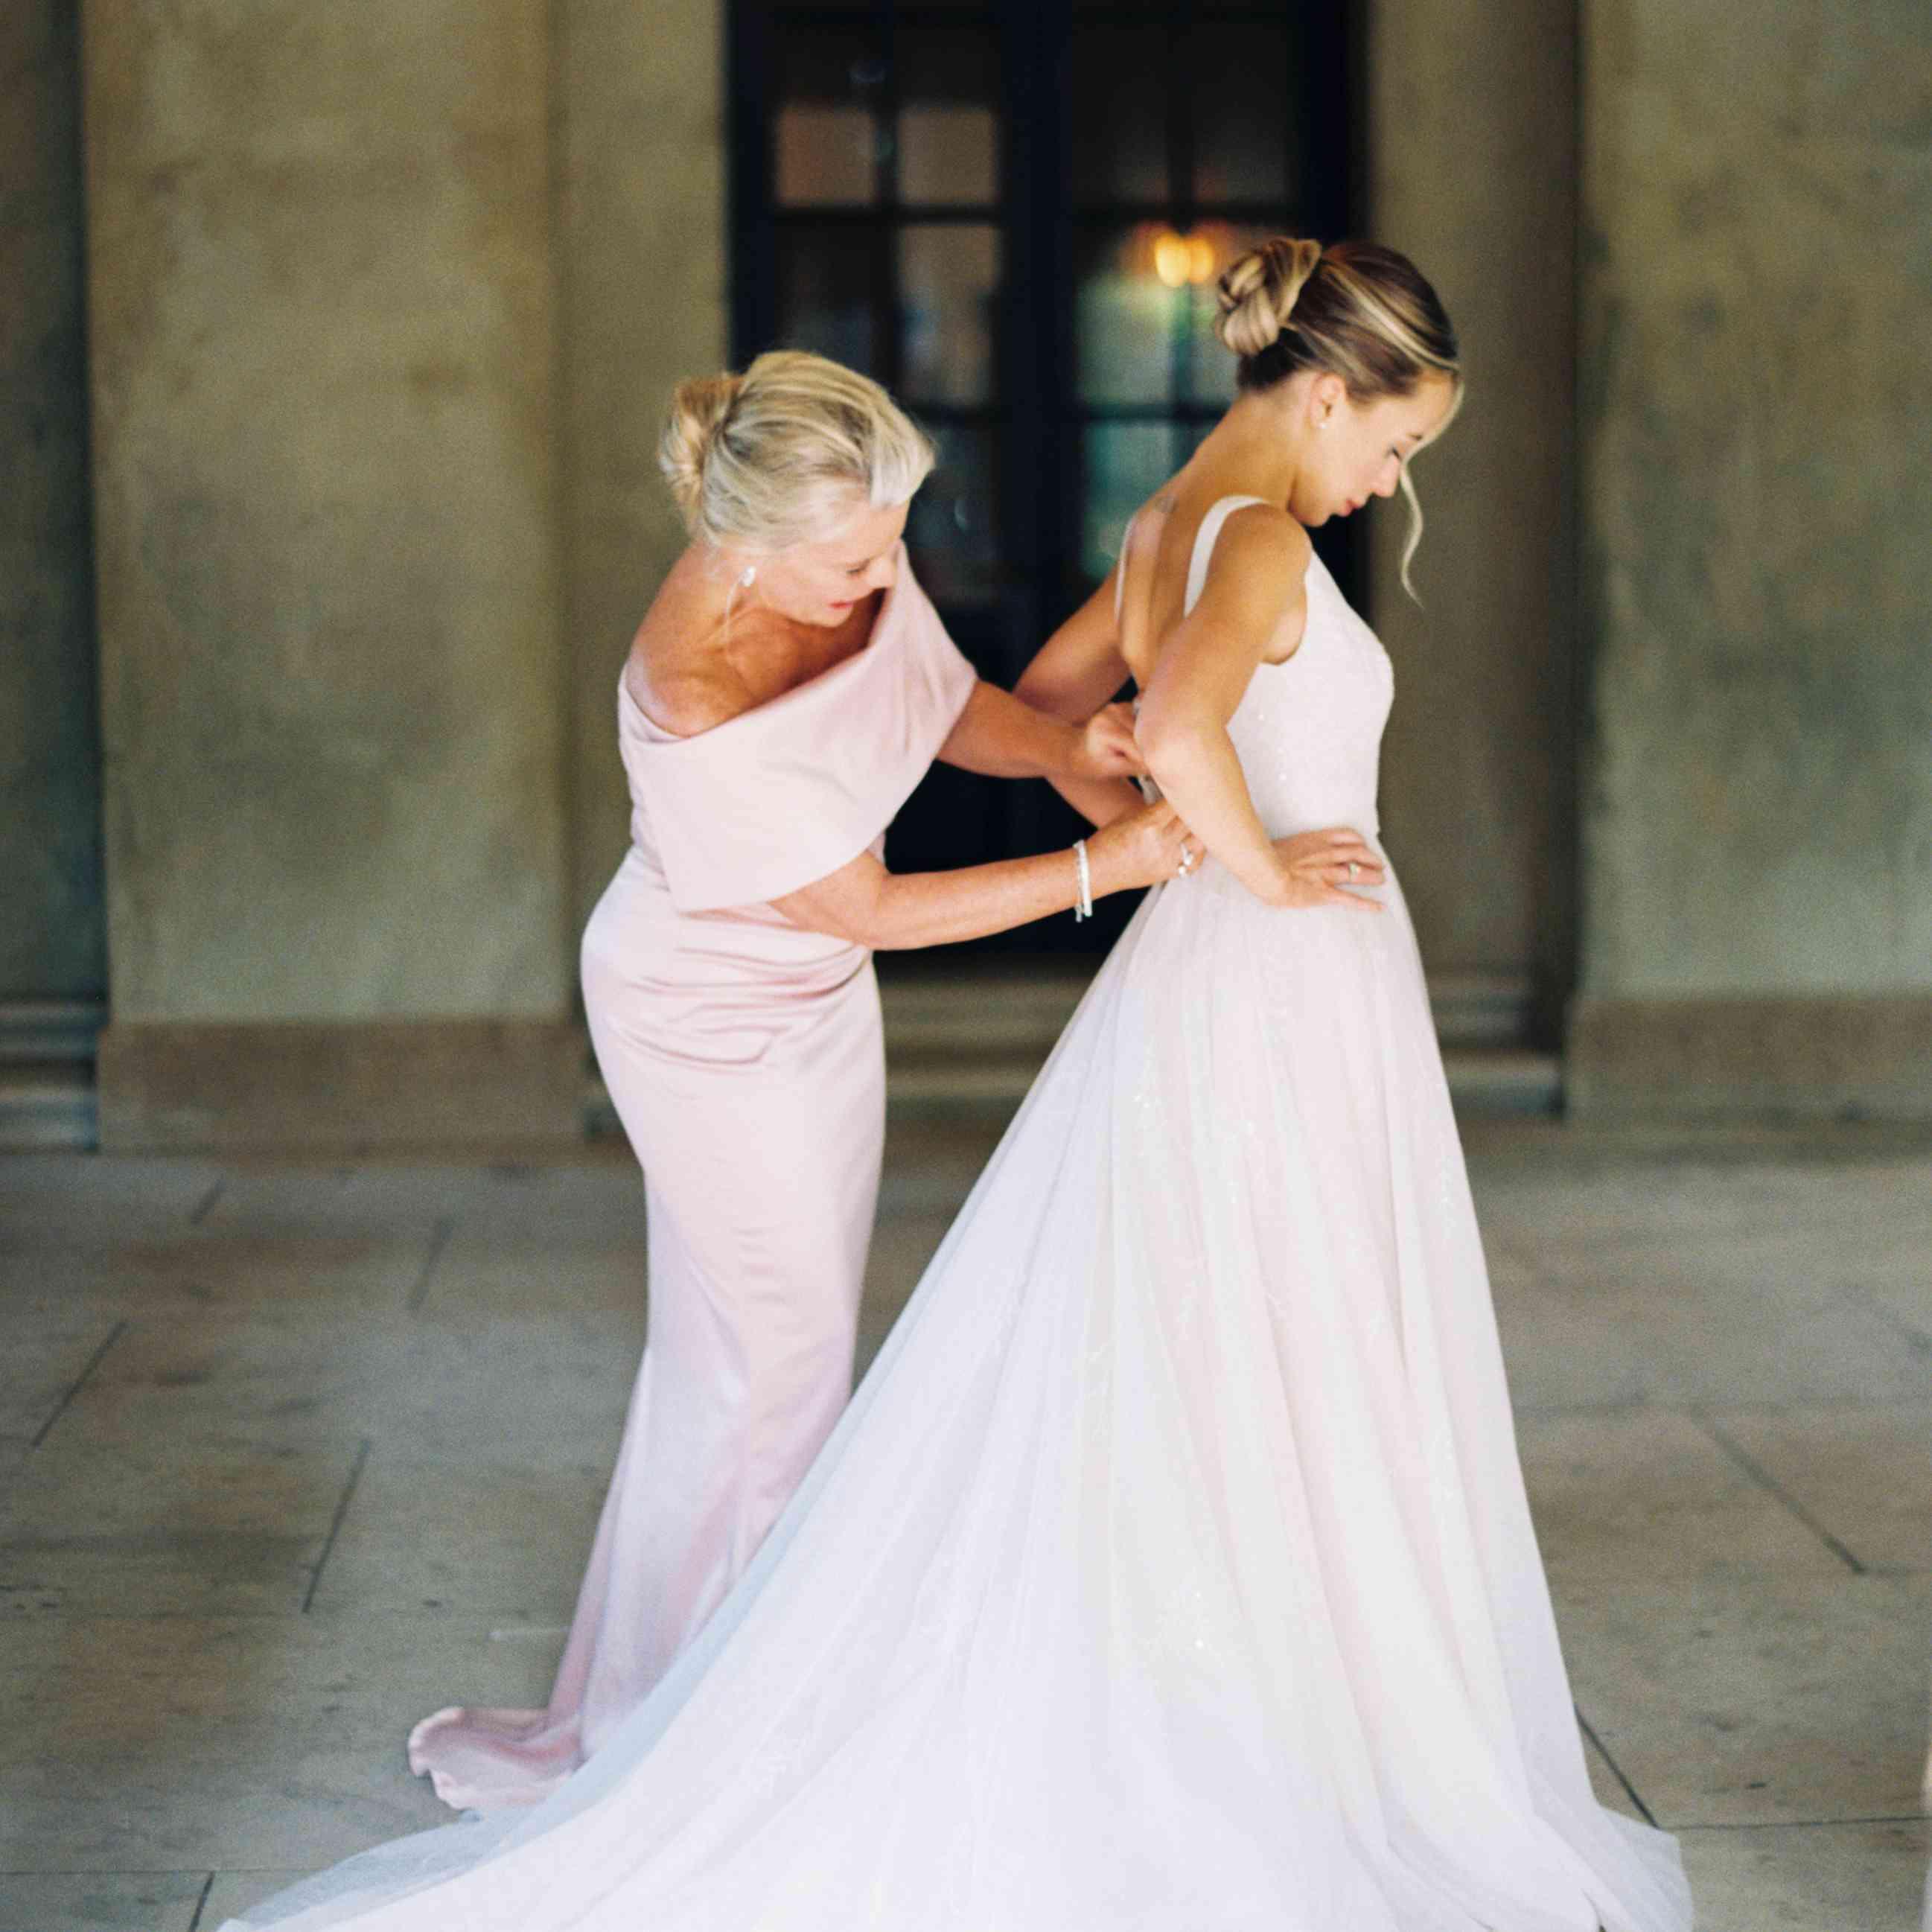 <p>mom helping bride get ready</p><br><br>